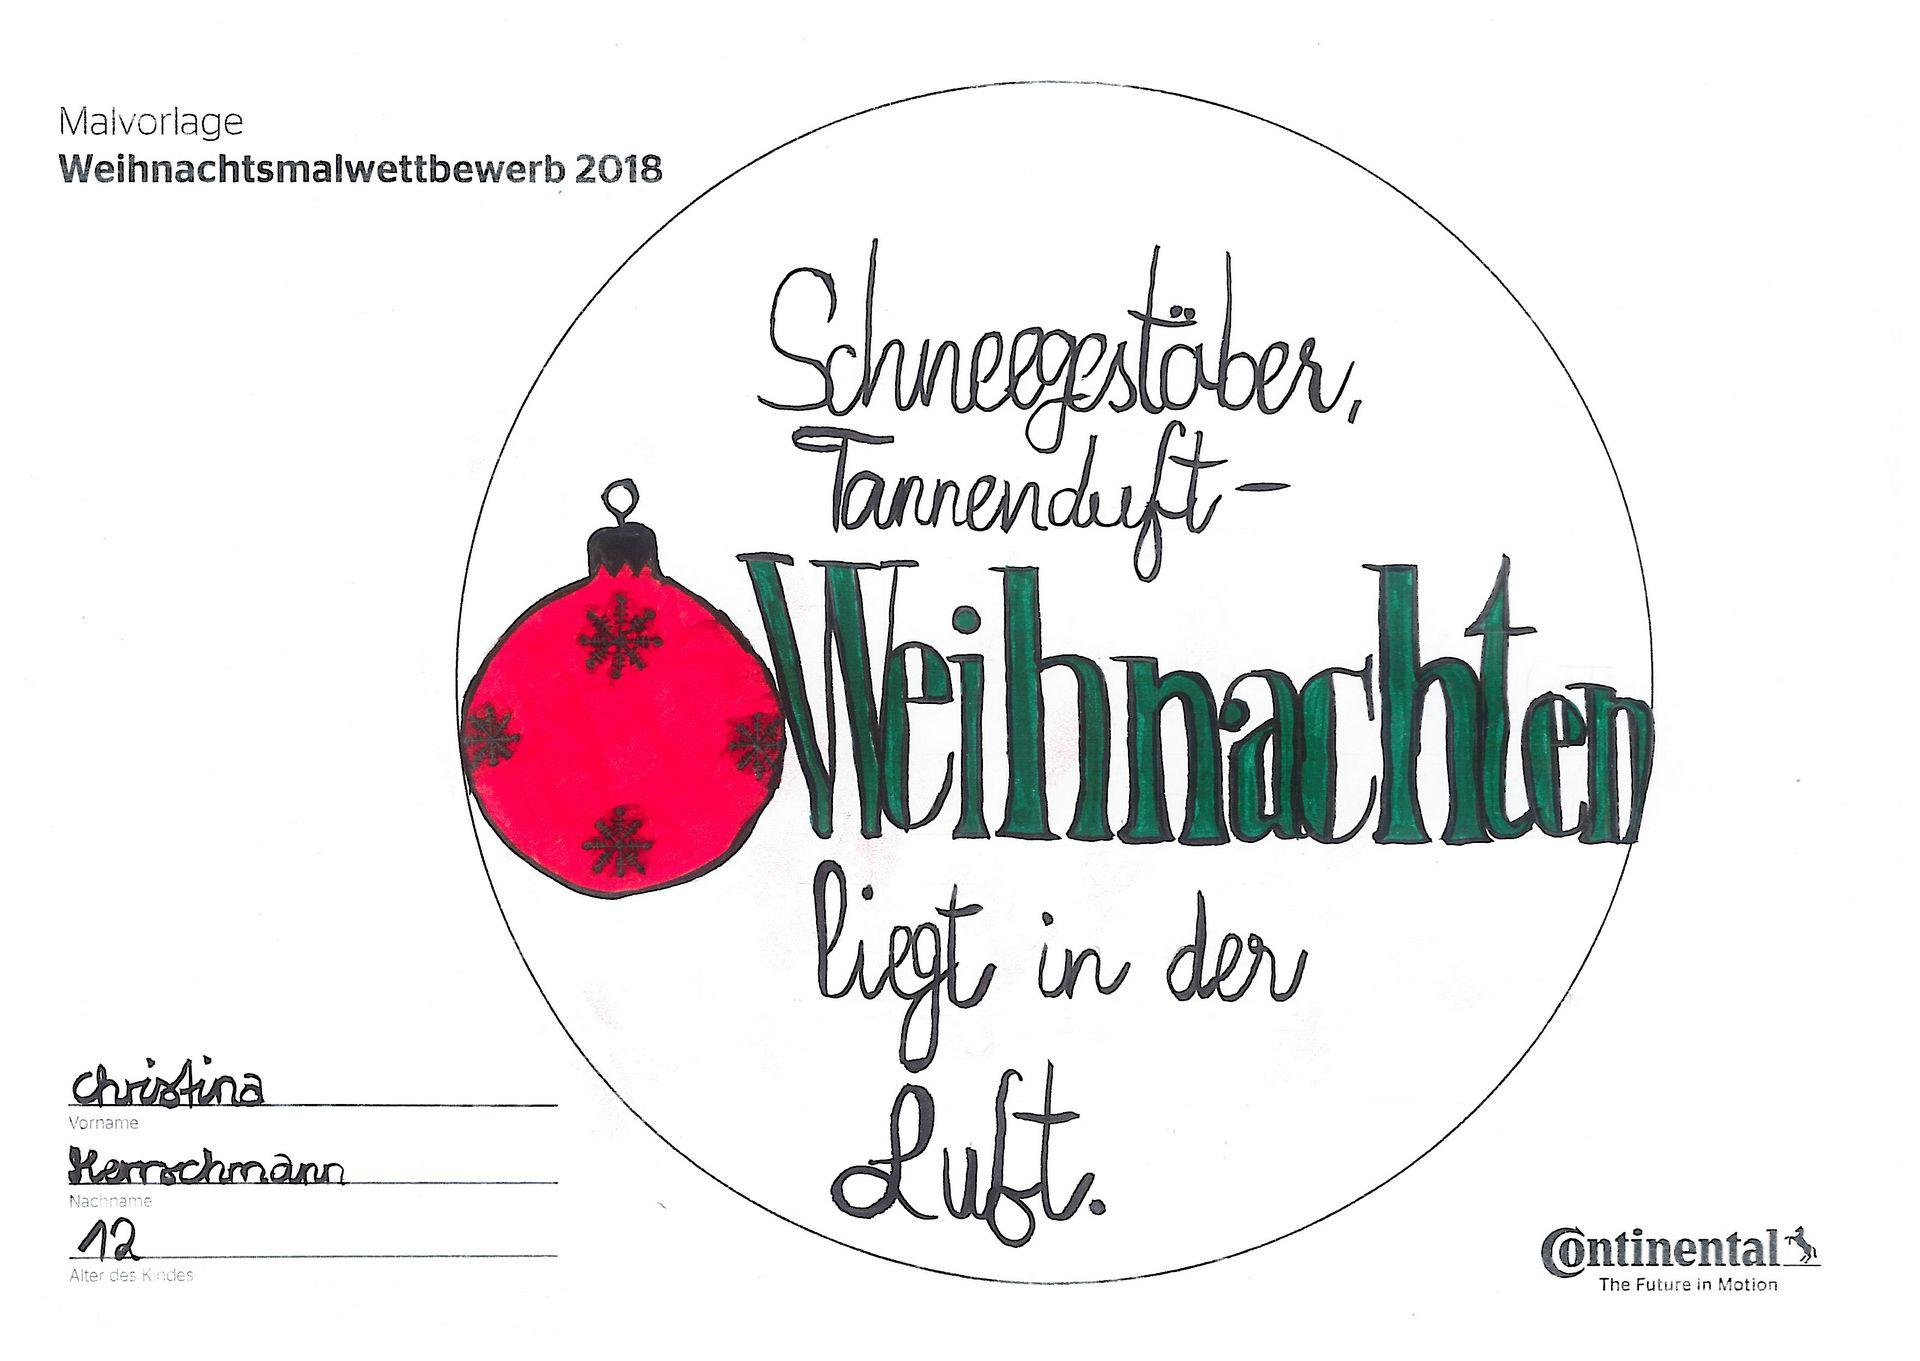 Christina Herrschmann, 12